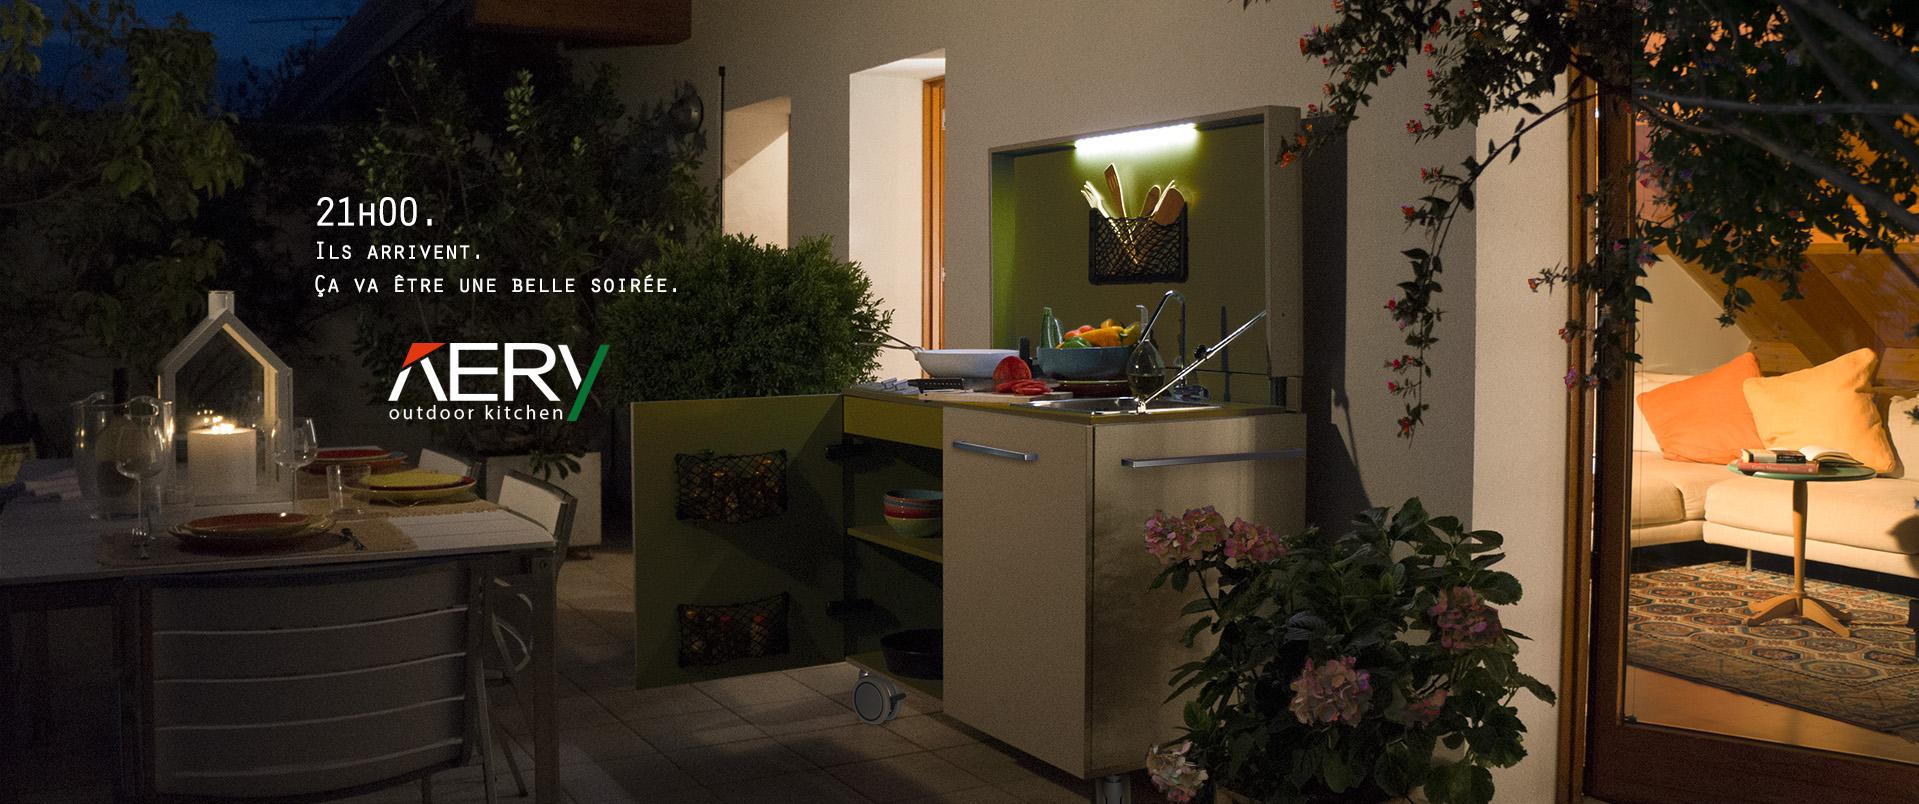 Cuisines meubles d 39 ext rieur for Meubles d exterieur